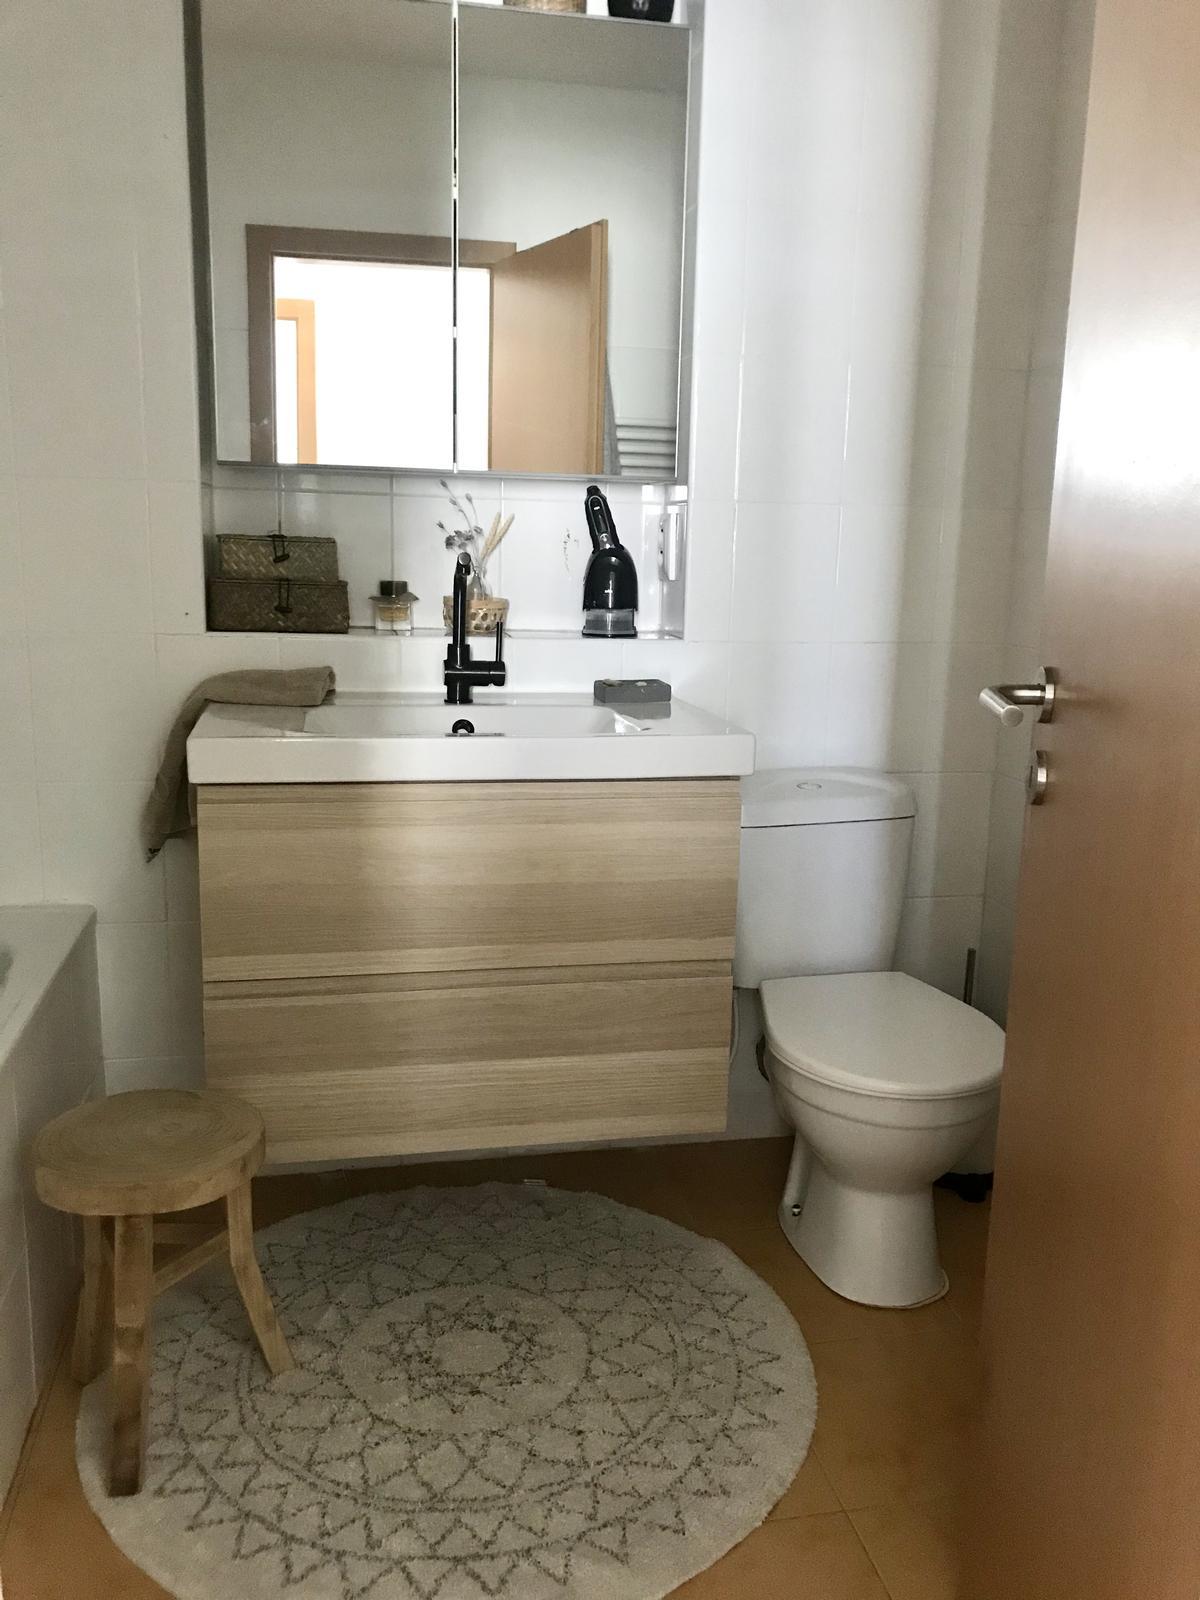 Z příšerné koupelny tvořím trochu lepší 💪 - Obrázek č. 29